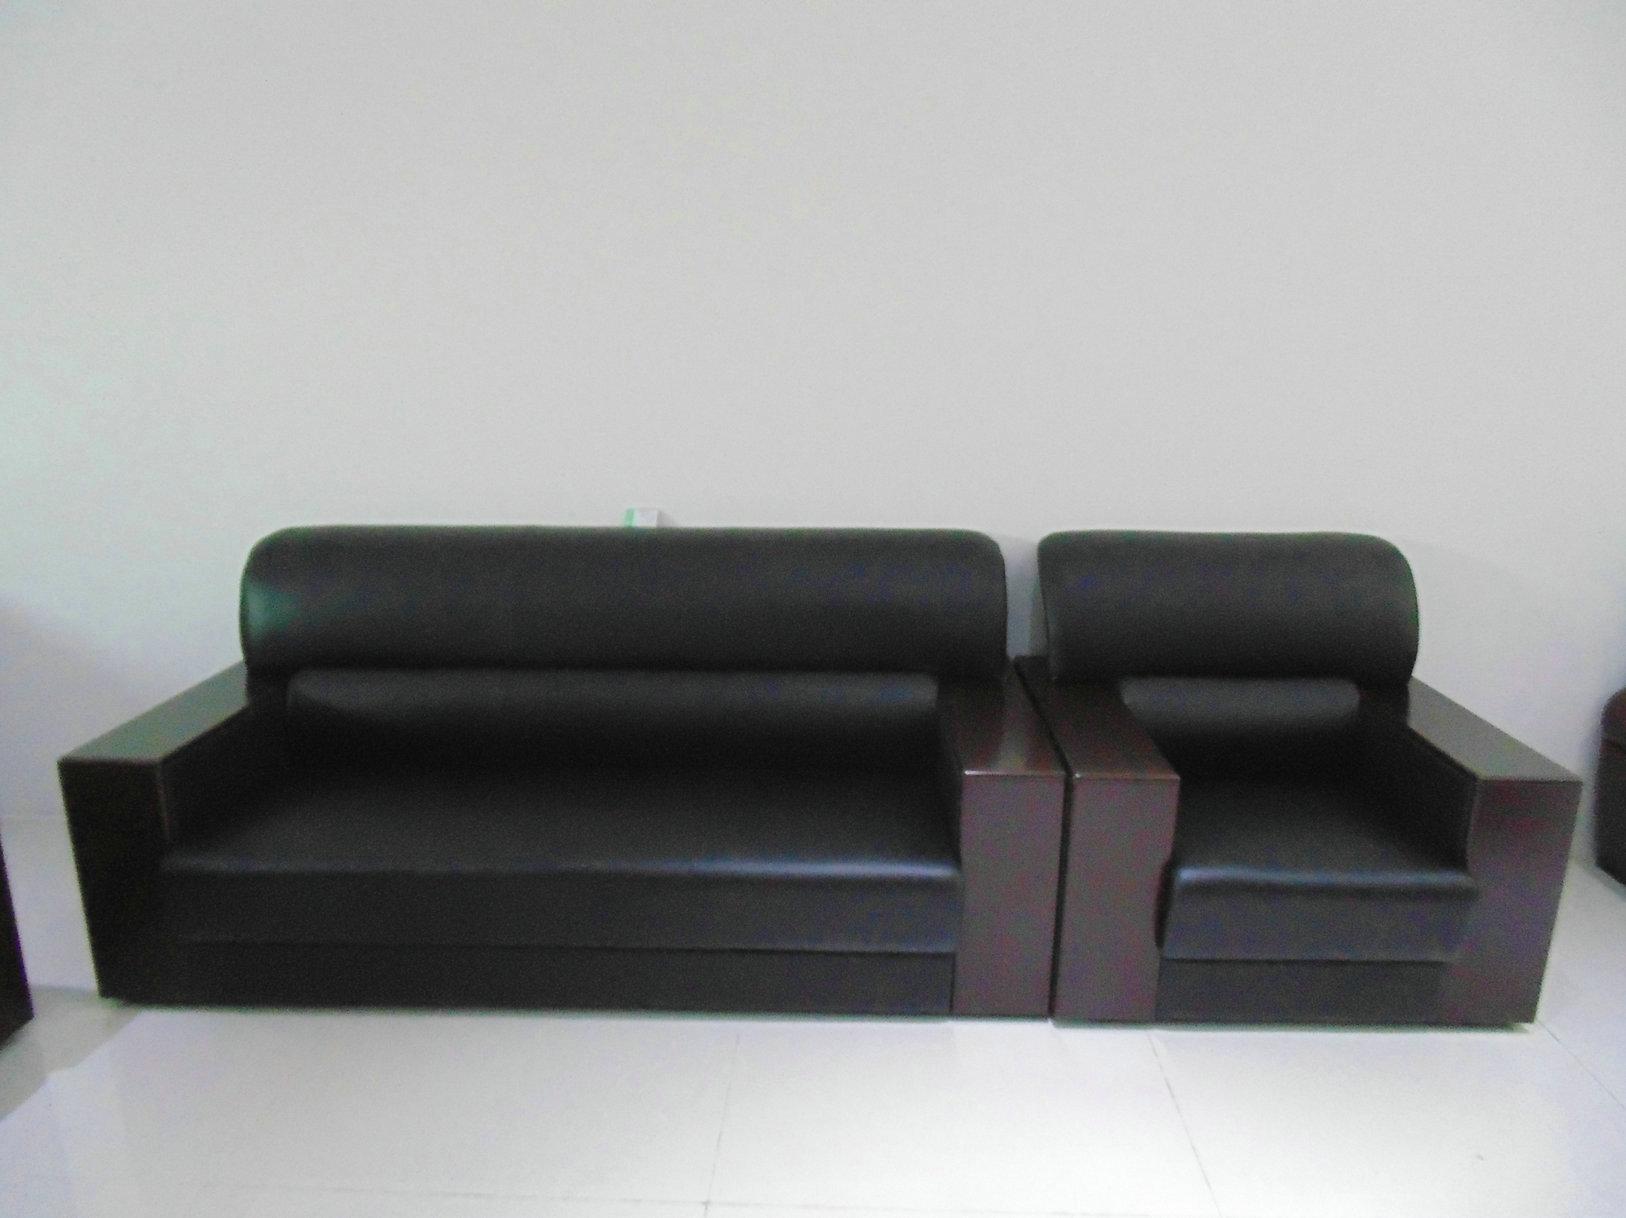 商品名称: 实木沙发006 名牌: 西安一品佳办公家具厂 型号: 实木沙发